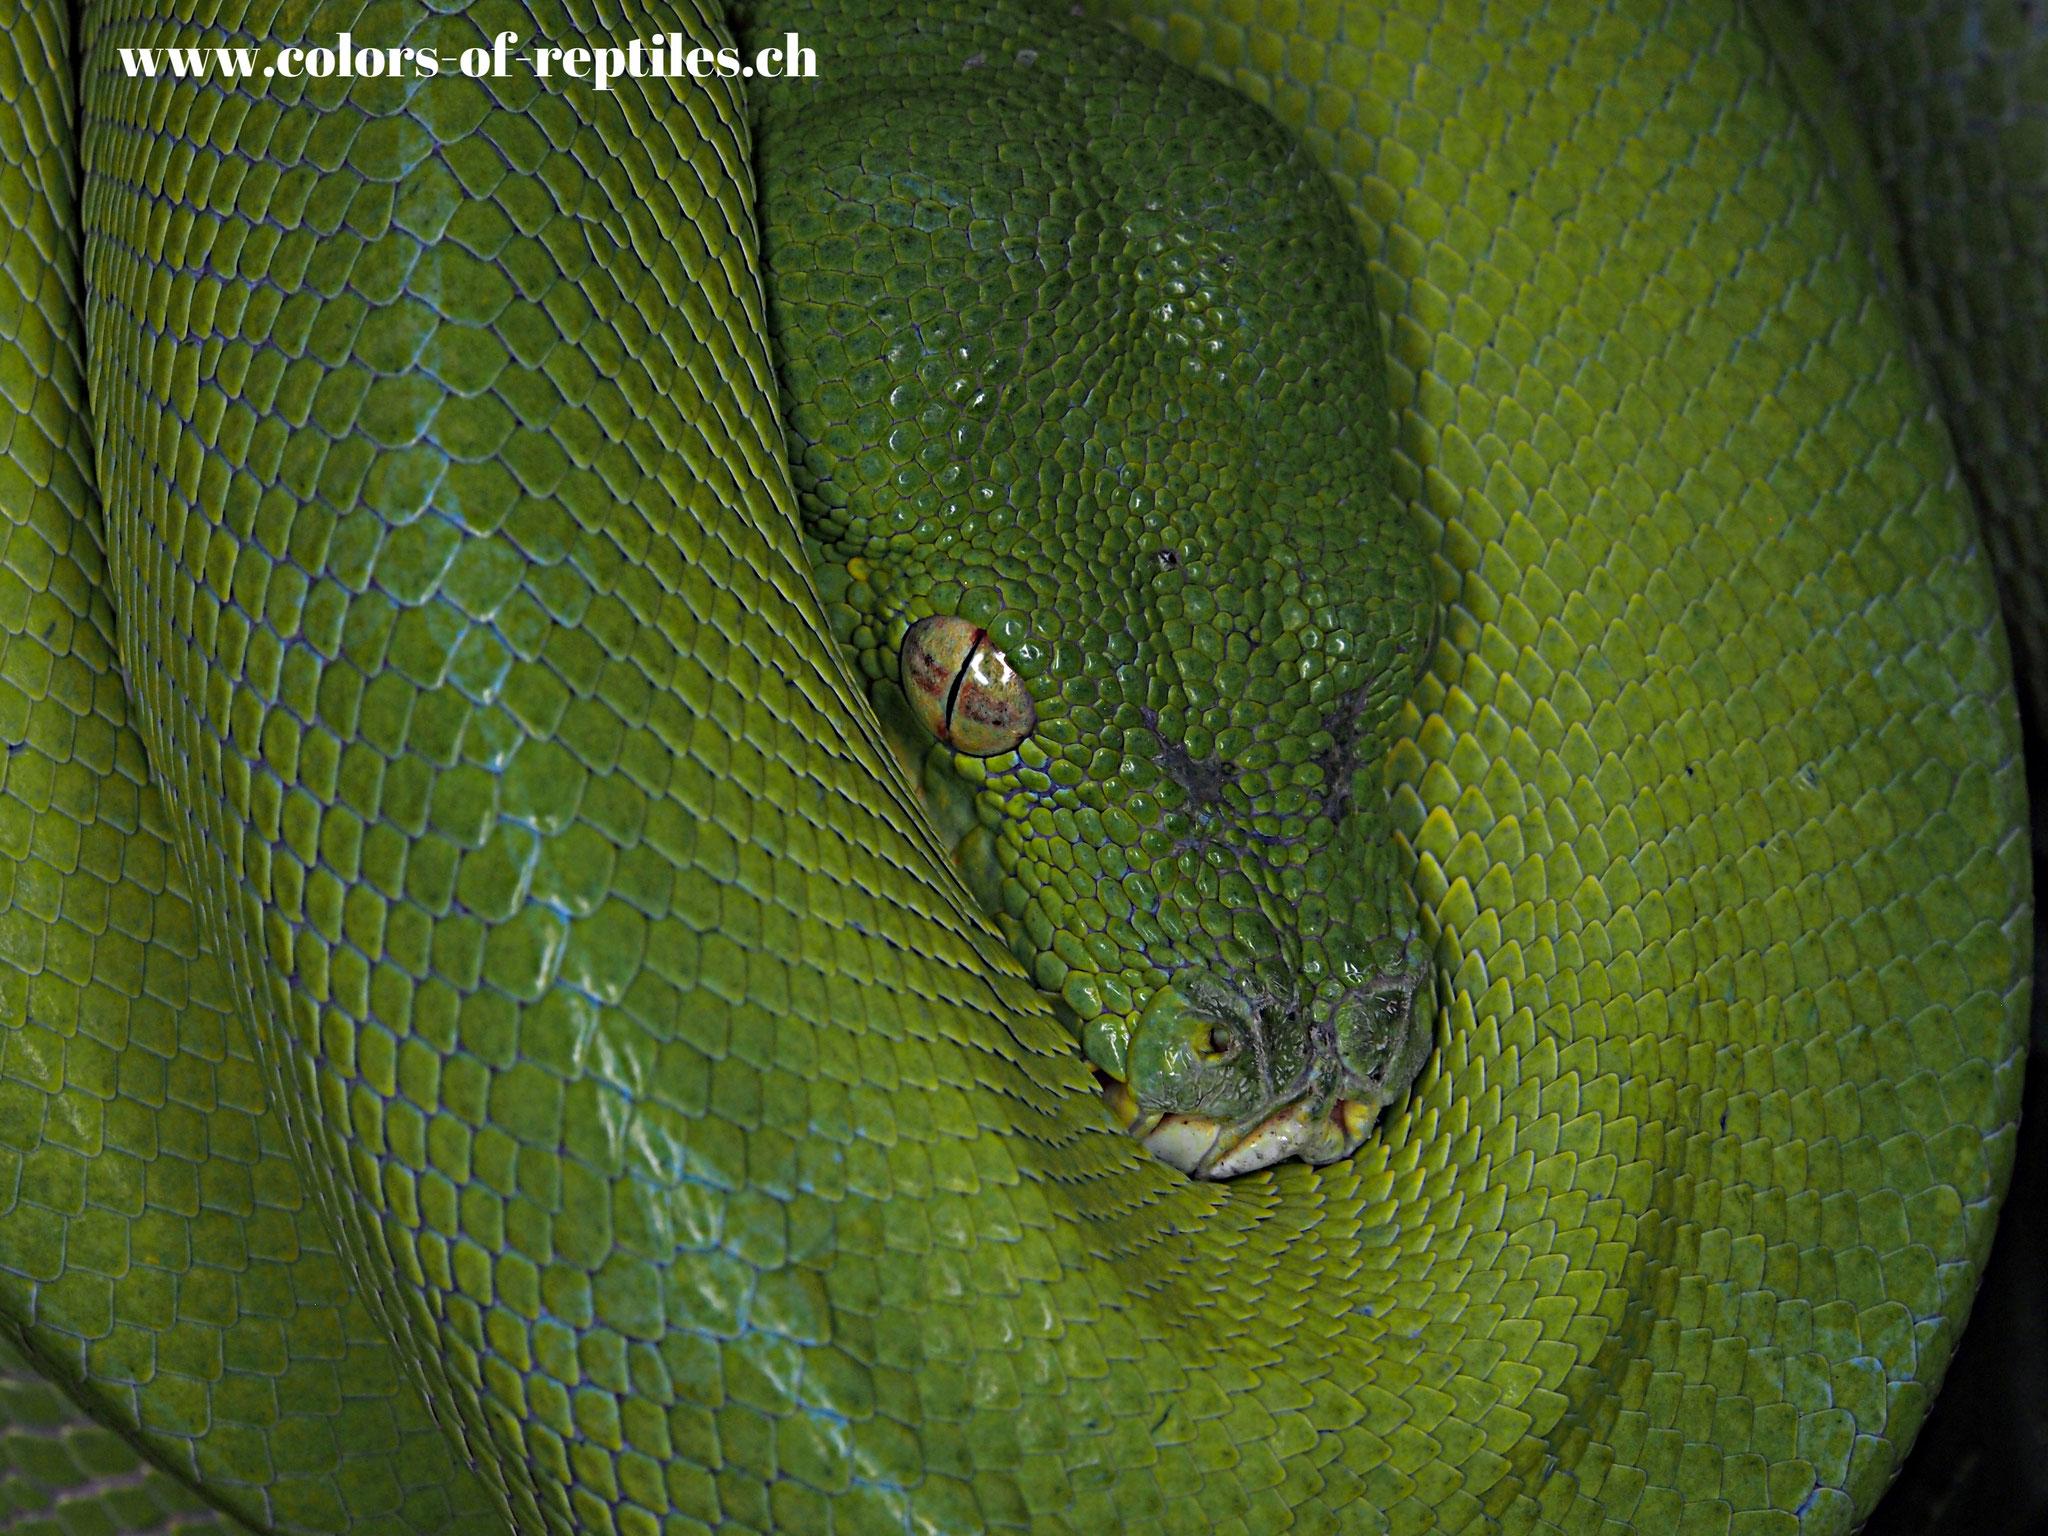 Baumpython - Morelia viridis (Sorong)